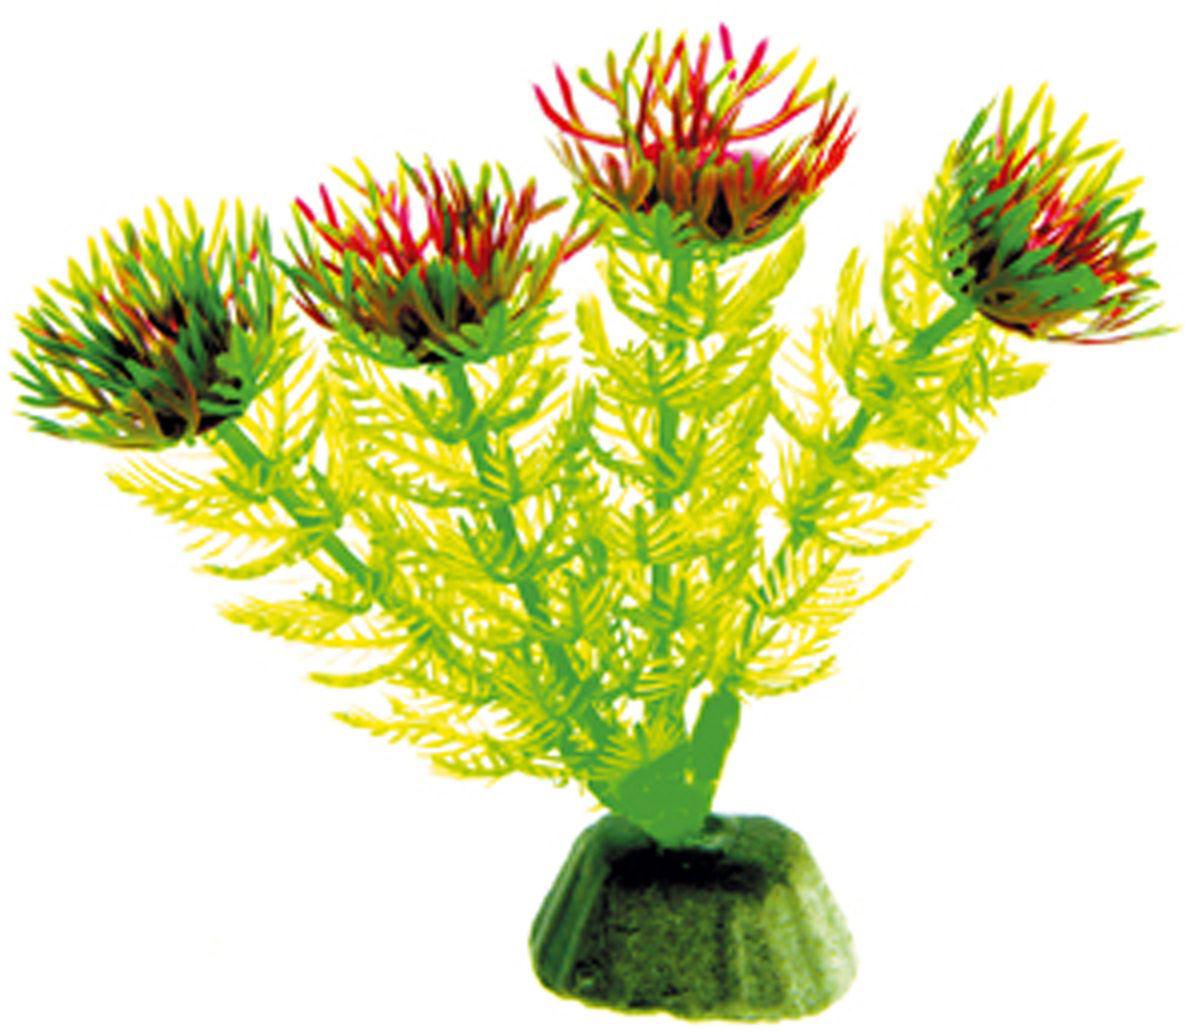 Искусственное растение для аквариума Dezzie, 10 см. 56020020120710Подводное искусственное растение для аквариума Dezzie является неотъемлемой частью композиции аквариума, радует глаз, а также может быть уютным убежищем для рыб и других обитателей аквариума. Пластиковое растение имеет устойчивое дно, которое не нуждается в дополнительном утяжелении и легко устанавливается в грунт. Растение очень практично в использовании, имеет стойкую к воздействию воды окраску и не требует обременительного ухода. Его можно легко достать и протереть тряпкой во время уборки аквариума. Растения из пластика создадут неповторимый дизайн пресноводного или морского аквариума.Высота растения: 10 см.